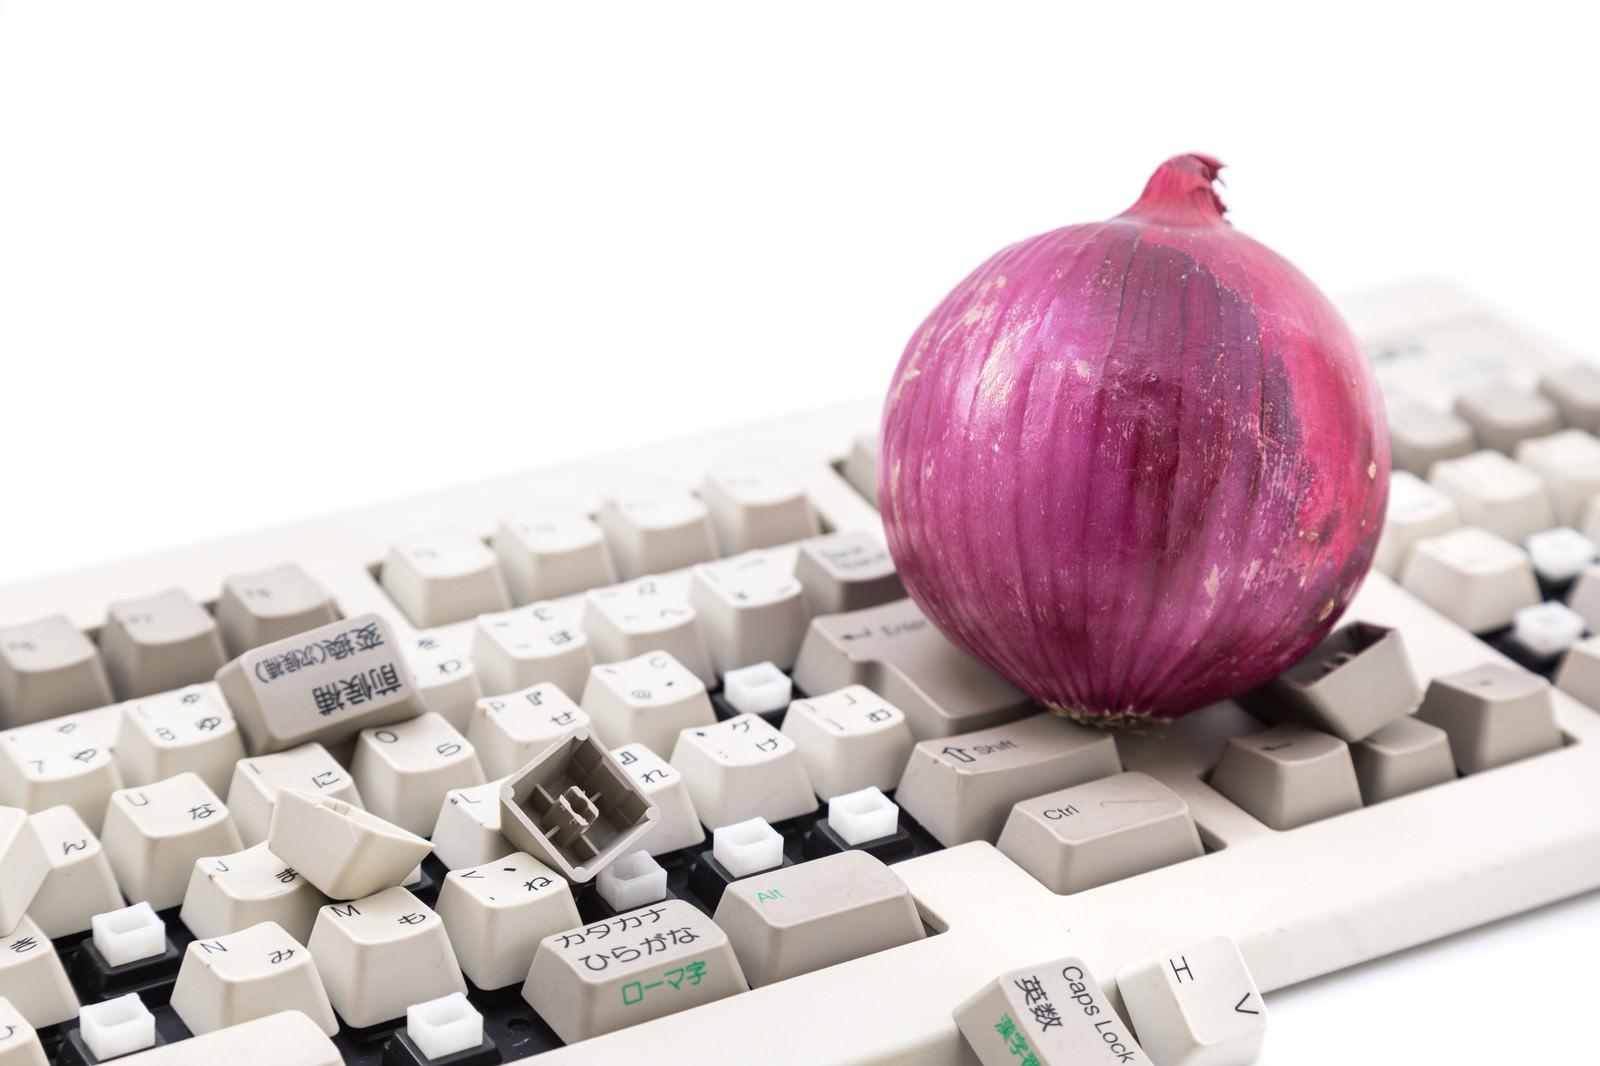 「紫玉葱と操作出来なくなったキーボード」の写真